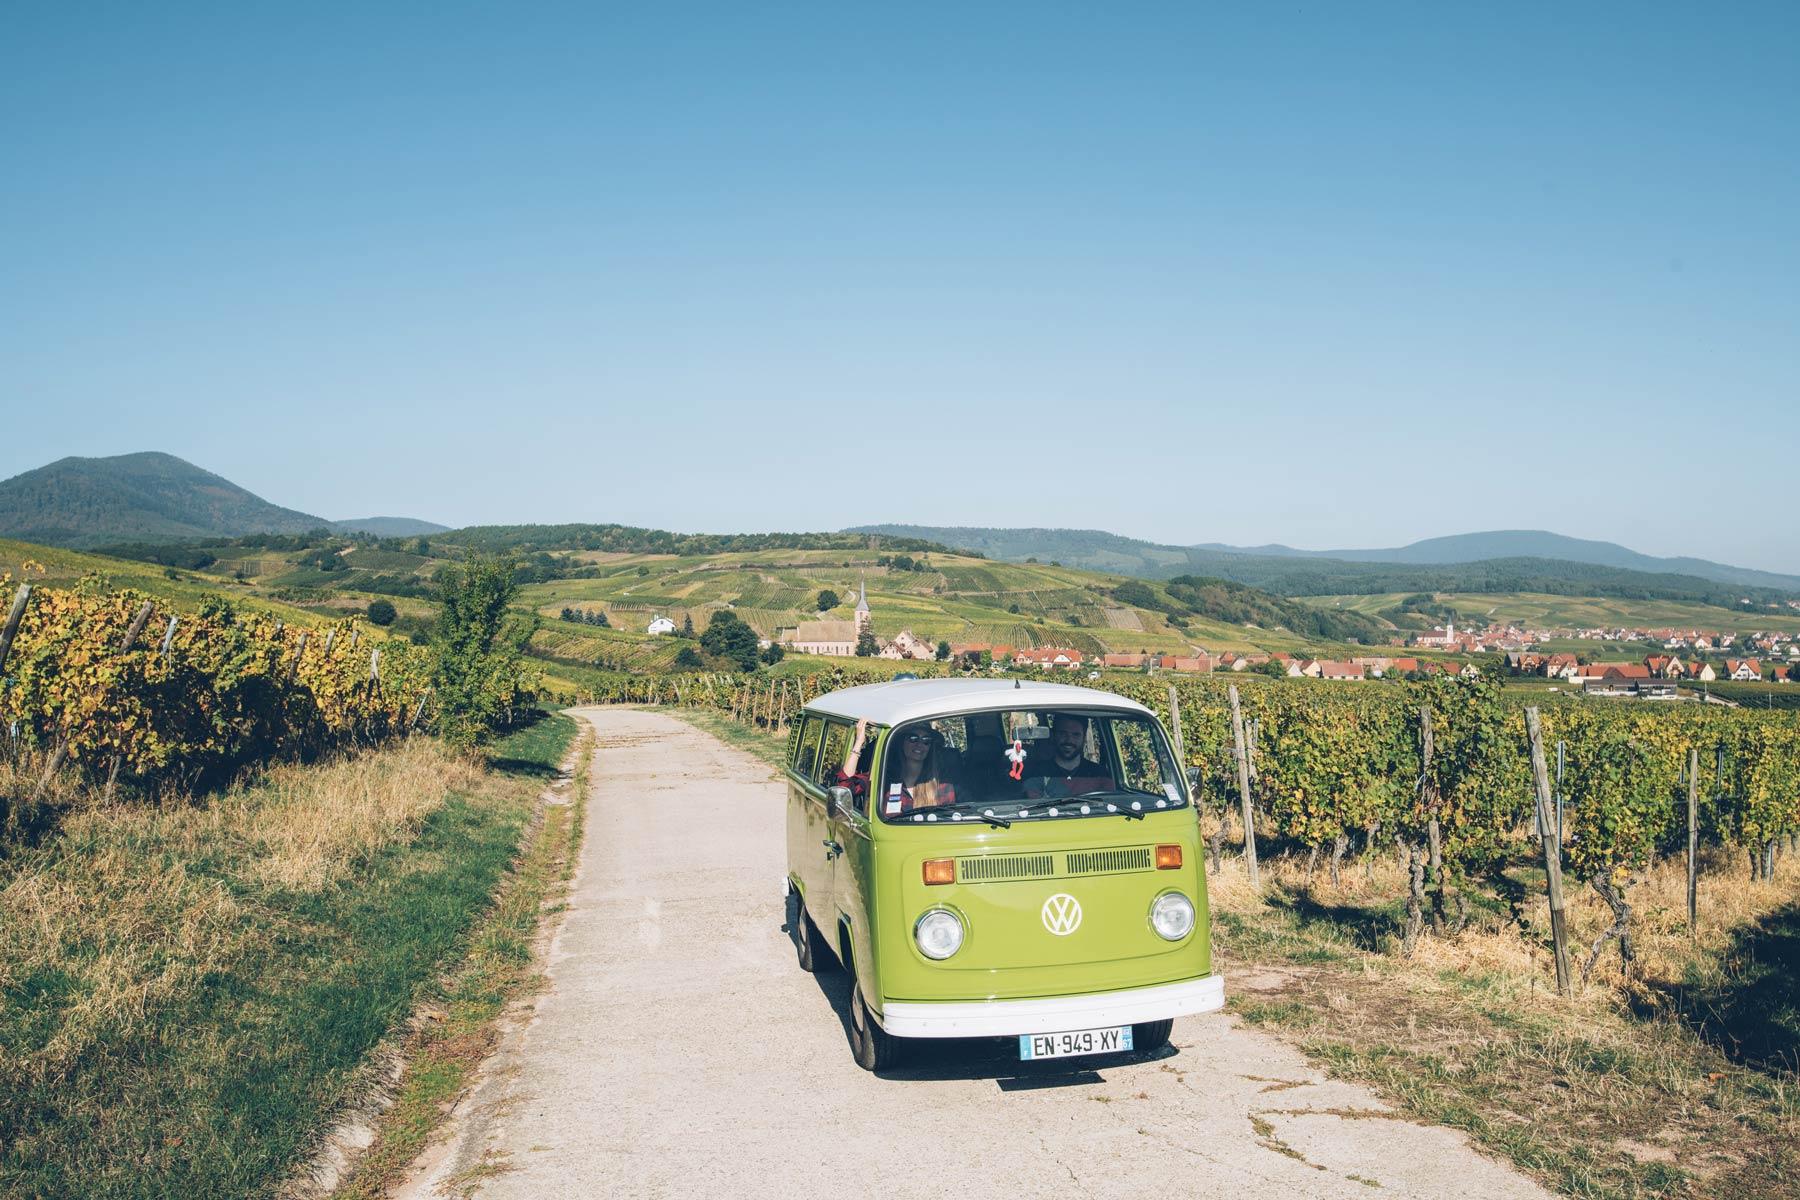 La route des vins en combi T2 VW, Vino Varlot